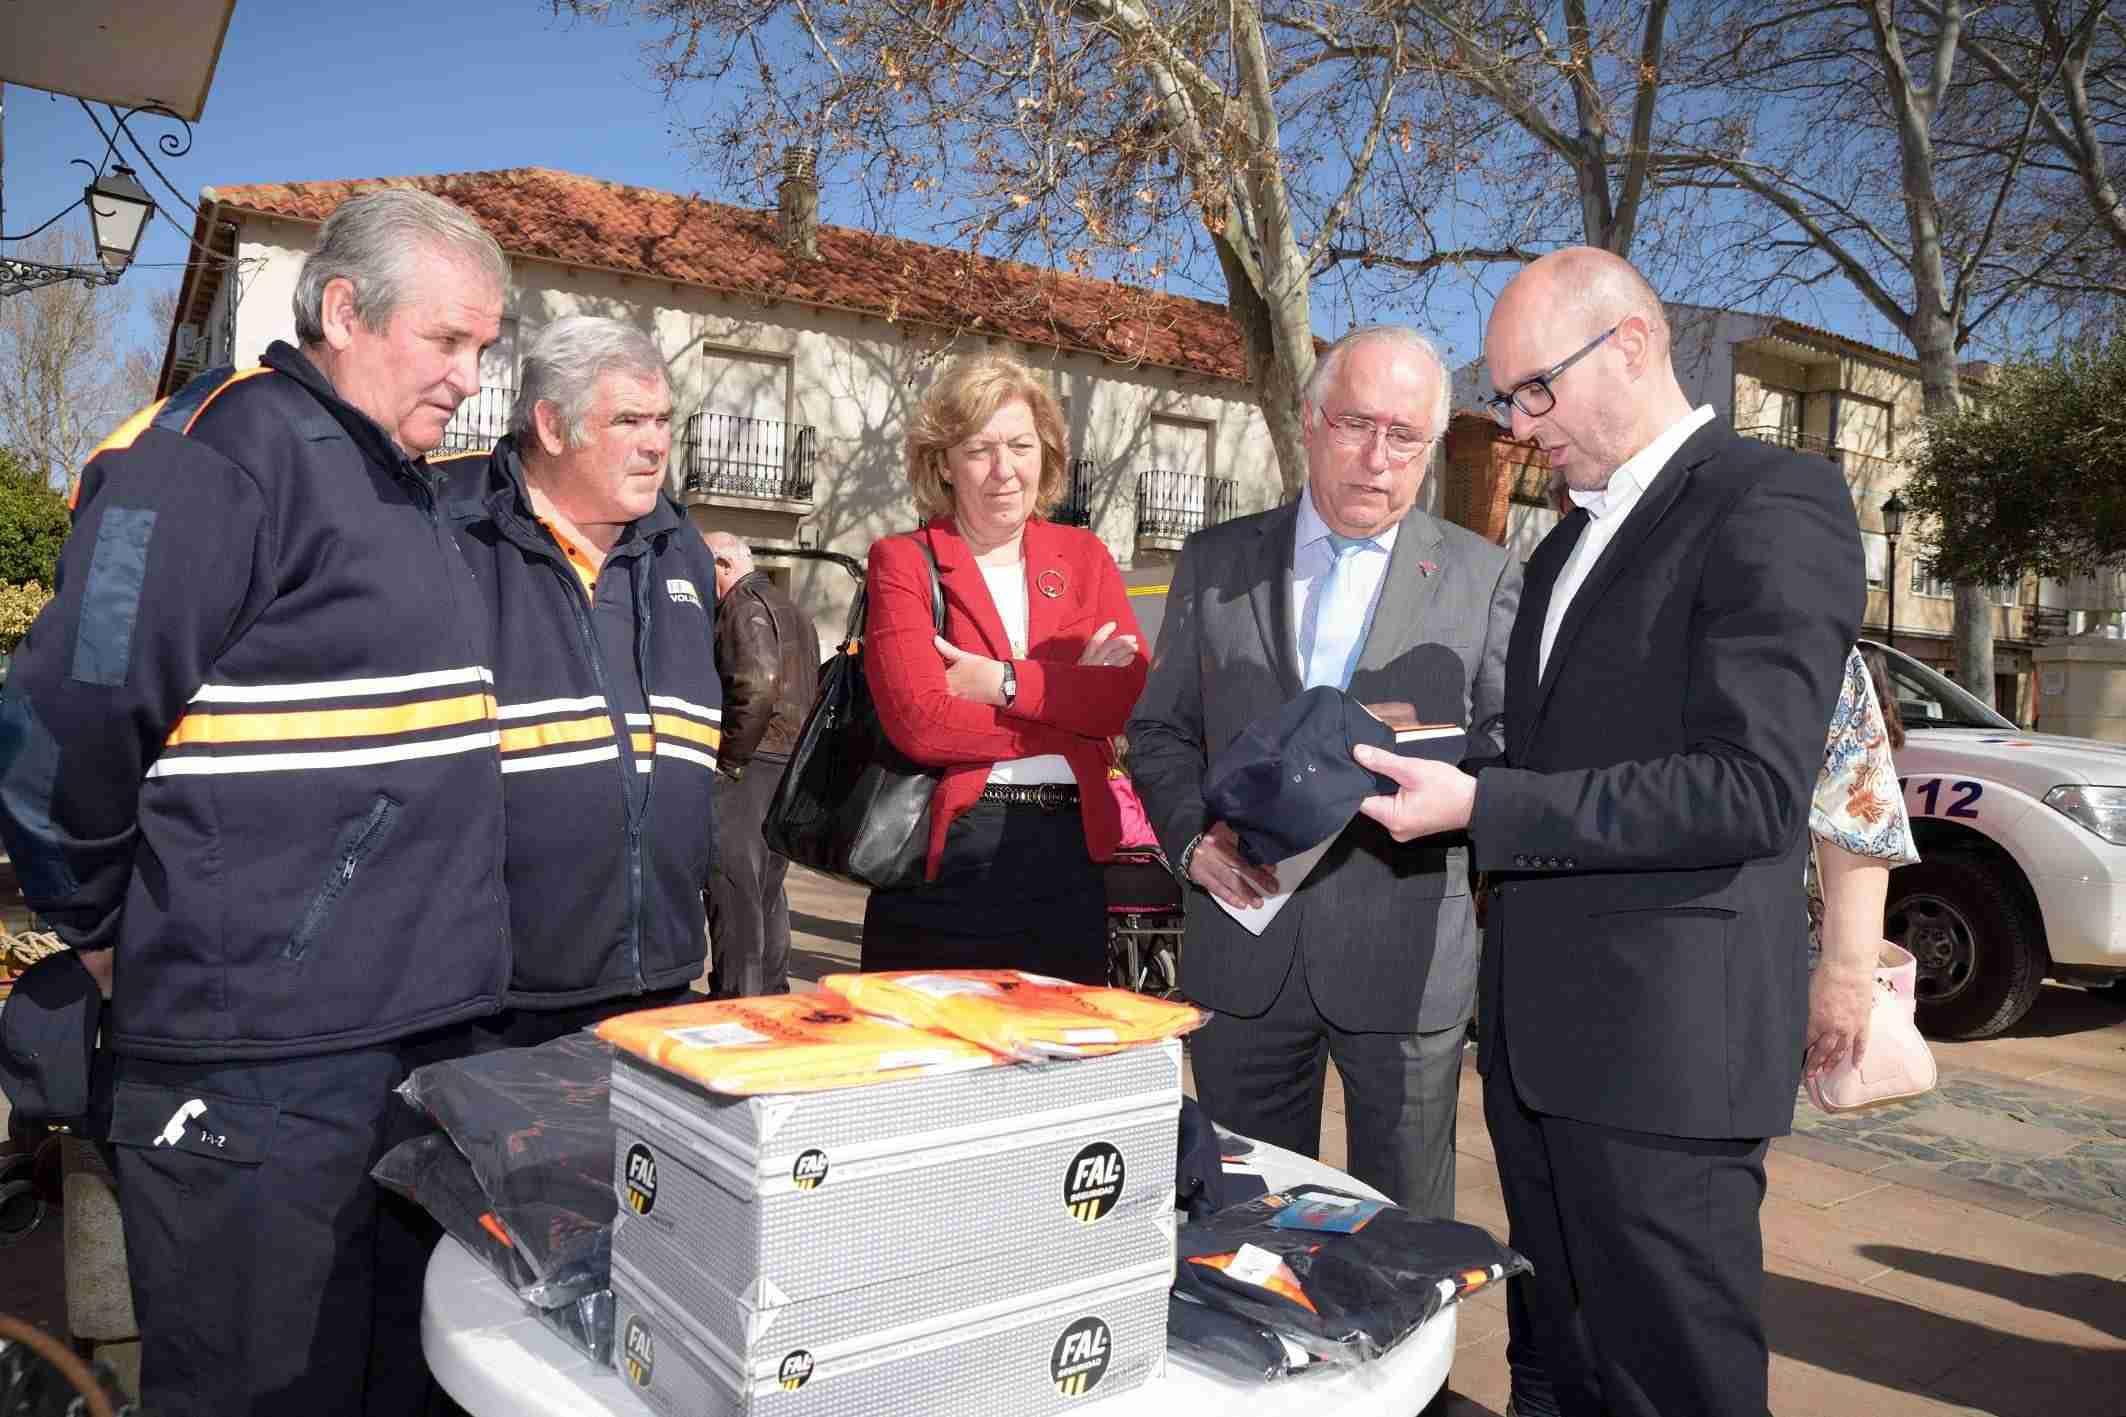 Argamasilla de Alba acoge la entrega de material de emergencia a siete agrupaciones de Protección Civil 2